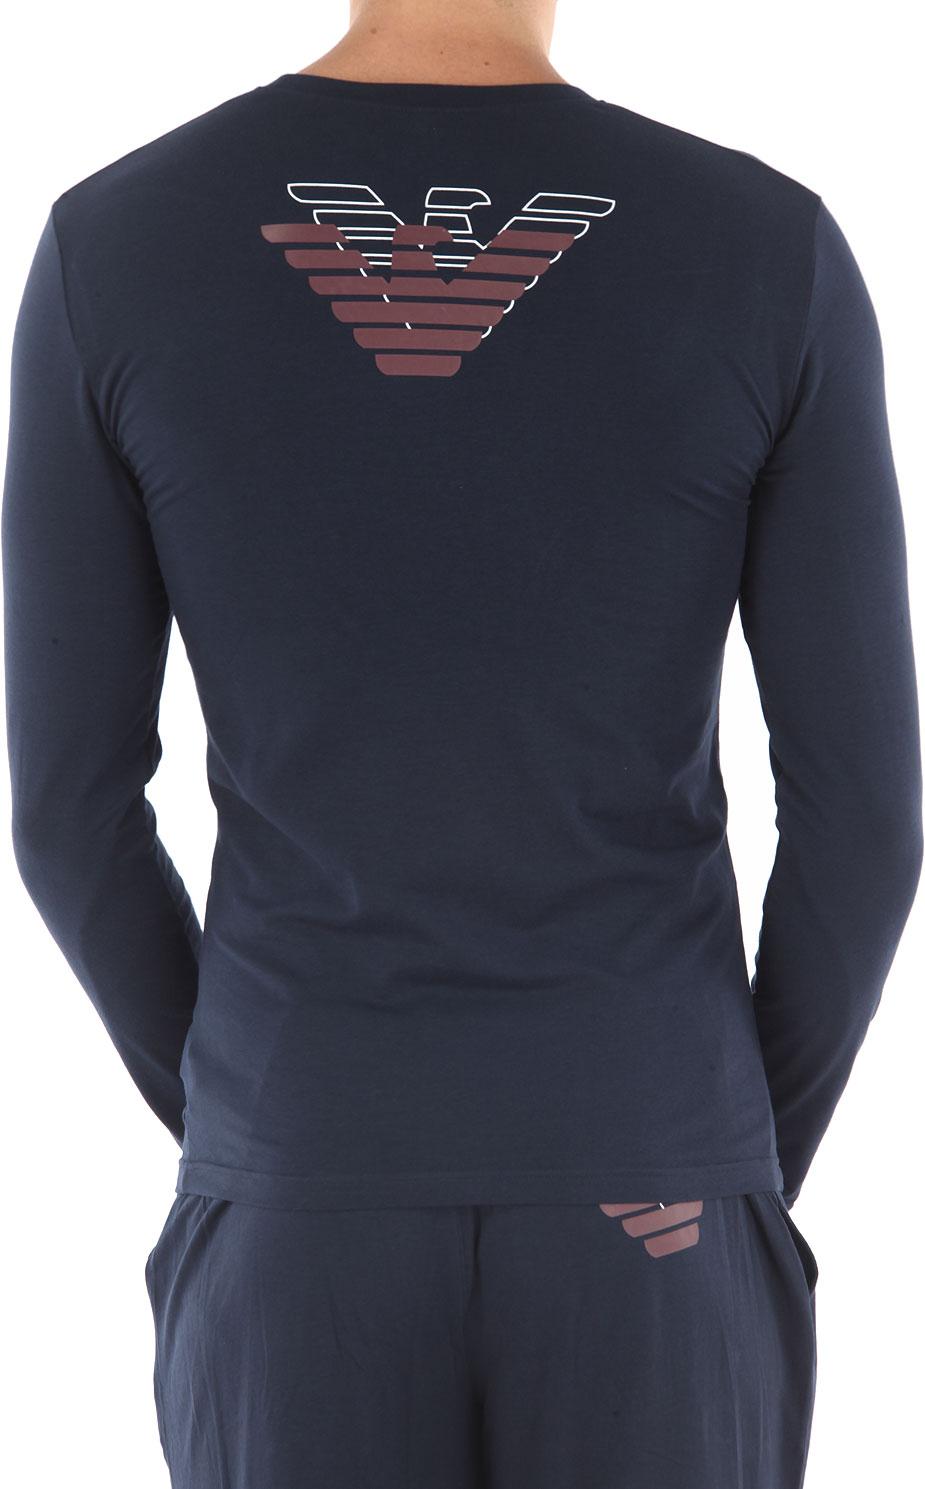 Abbigliamento Uomo Emporio Armani, Codice Articolo: 111023-7a725-00135